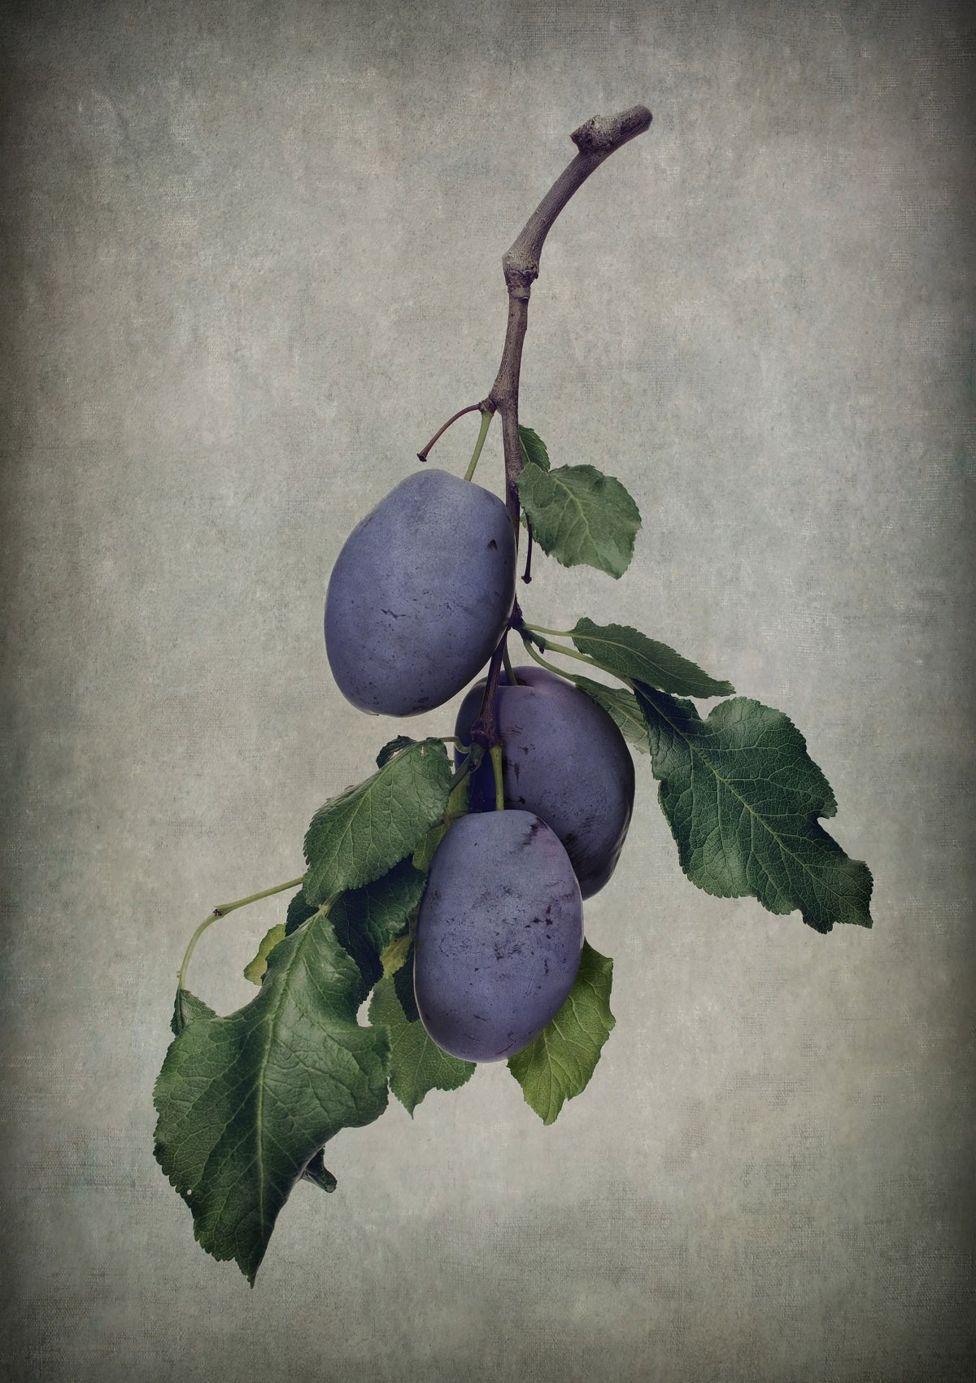 Una rama con hojas verdes y ciruelas púrpura.